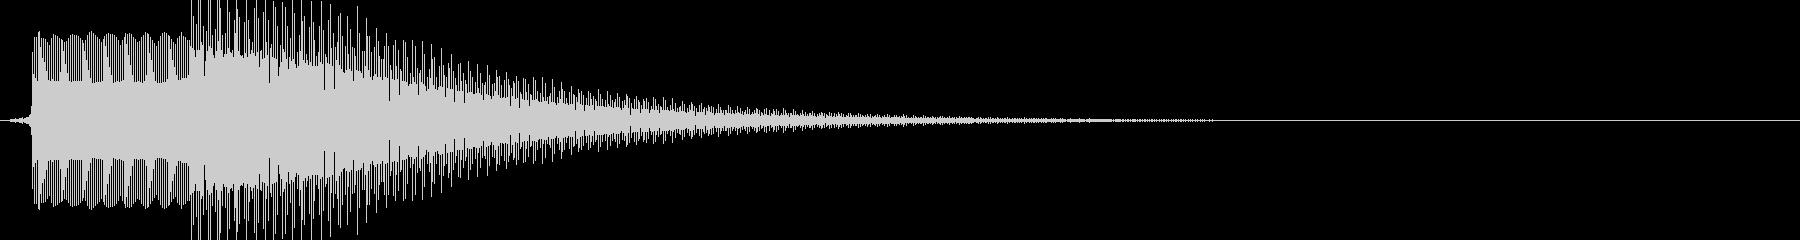 ピンポン(解答ボタンや正解の音に)の未再生の波形